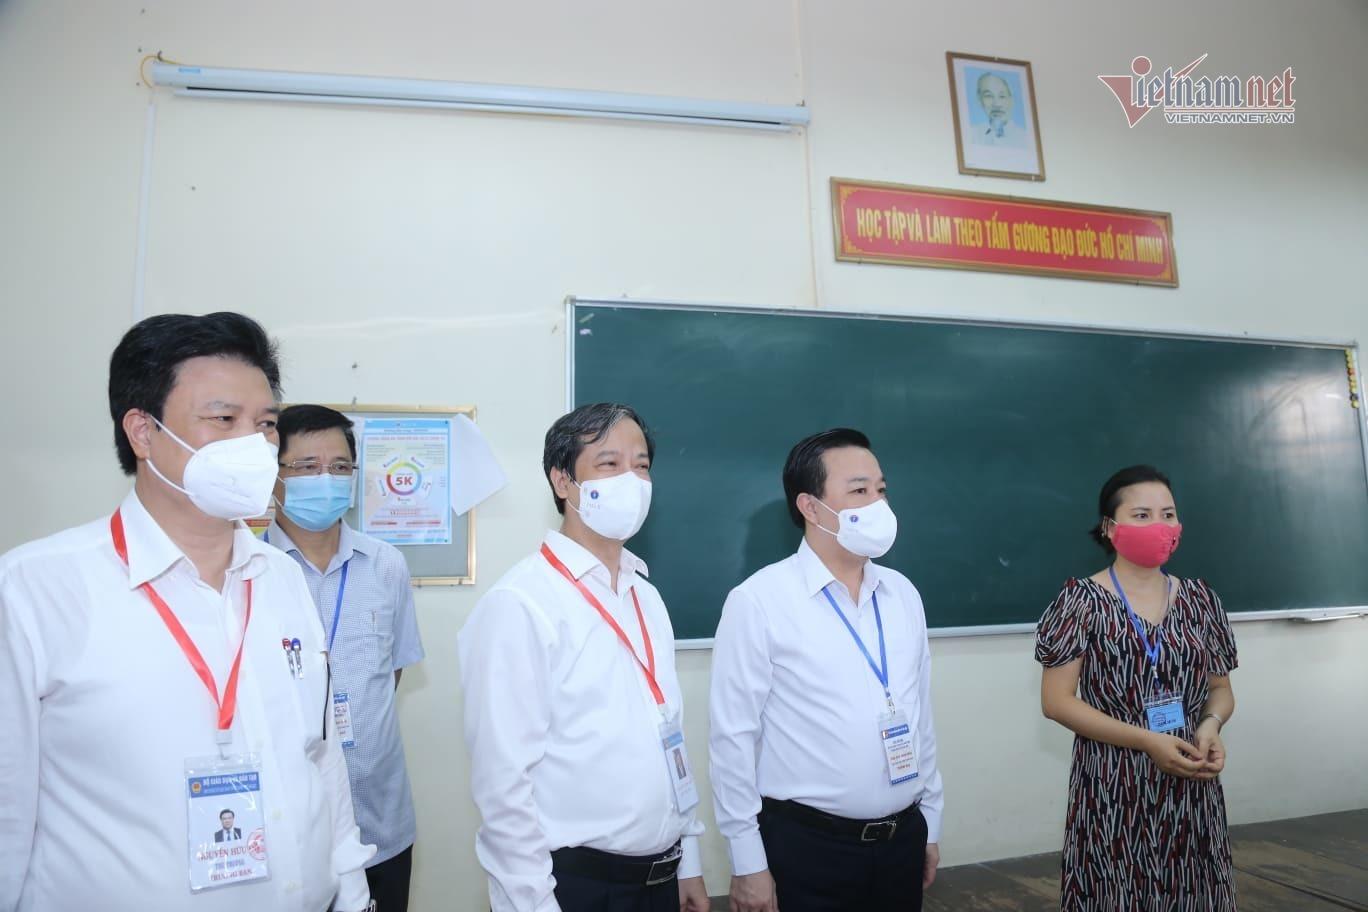 Bộ trưởng Nguyễn Kim Sơn chúc sĩ tử bình tĩnh, làm bài tốt-3